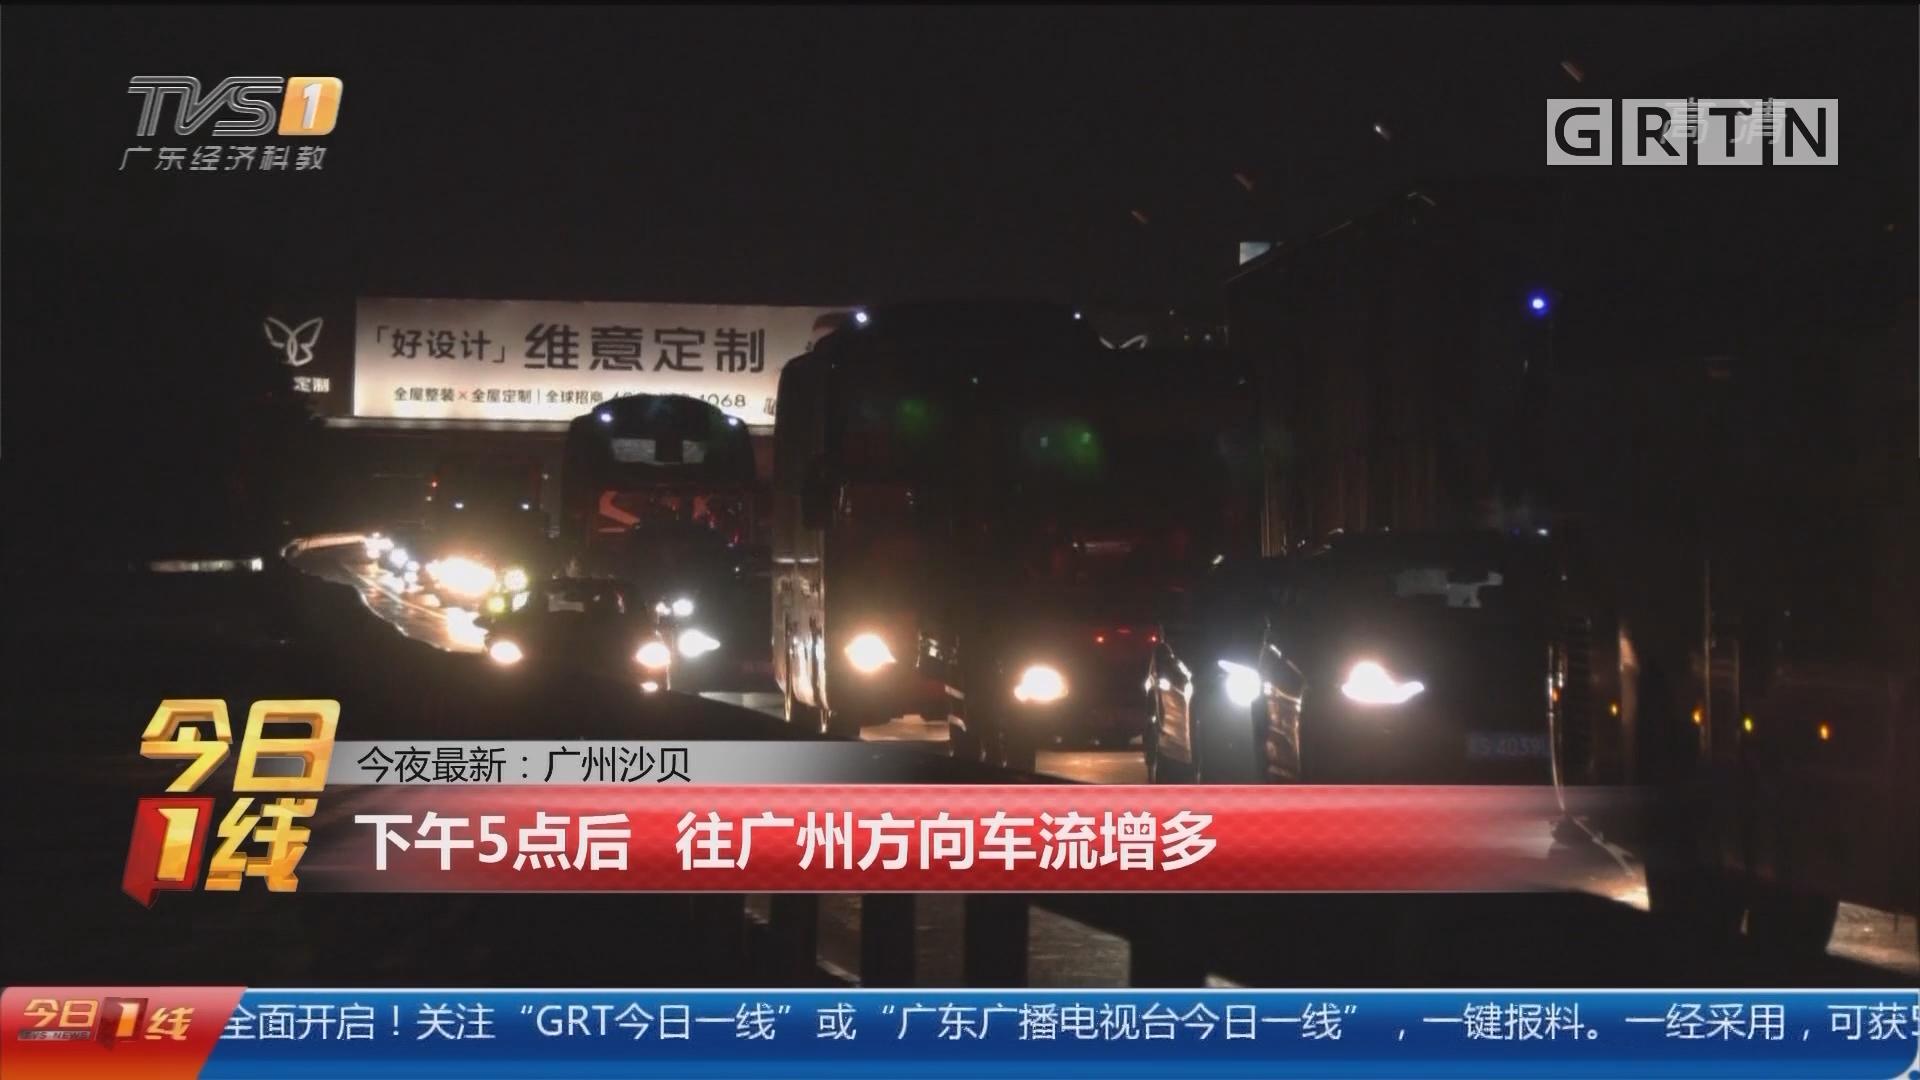 今夜最新:广州沙贝 下午5点后 往广州方向车流增多